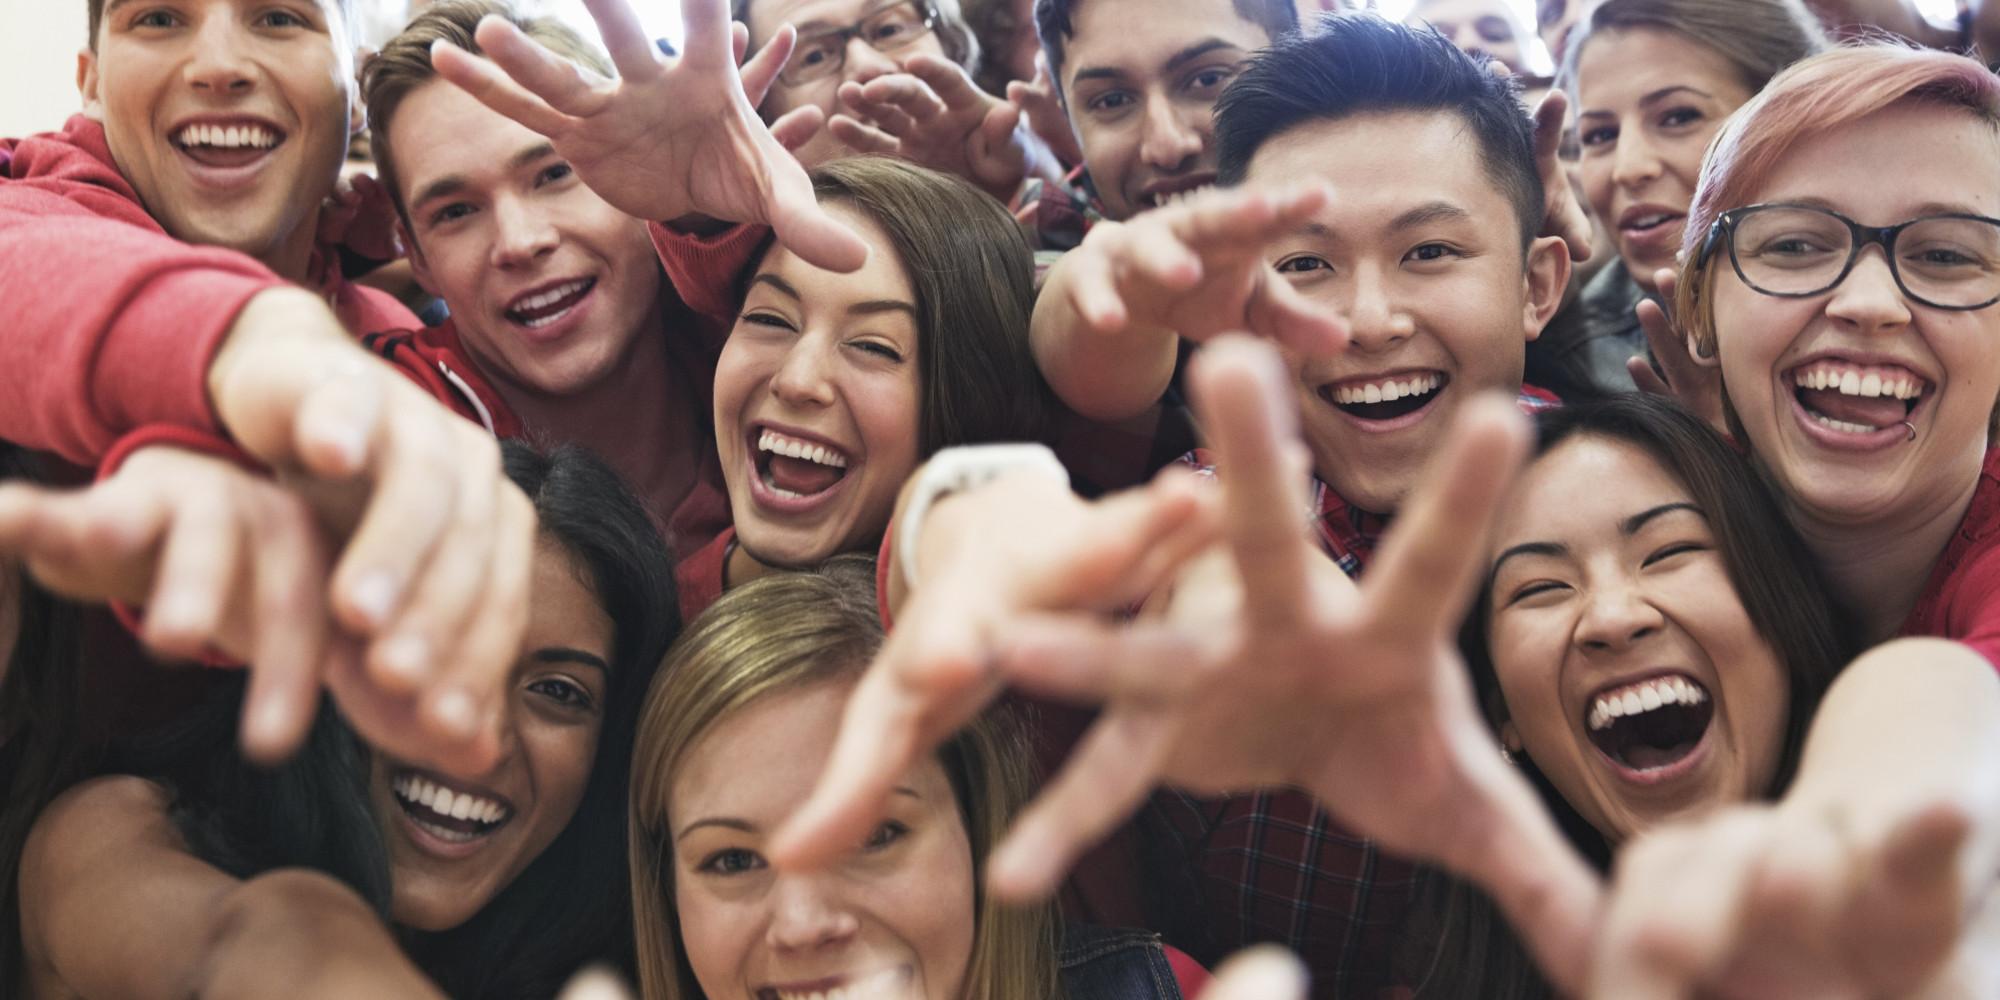 Студенты на вечеринке 17 фотография